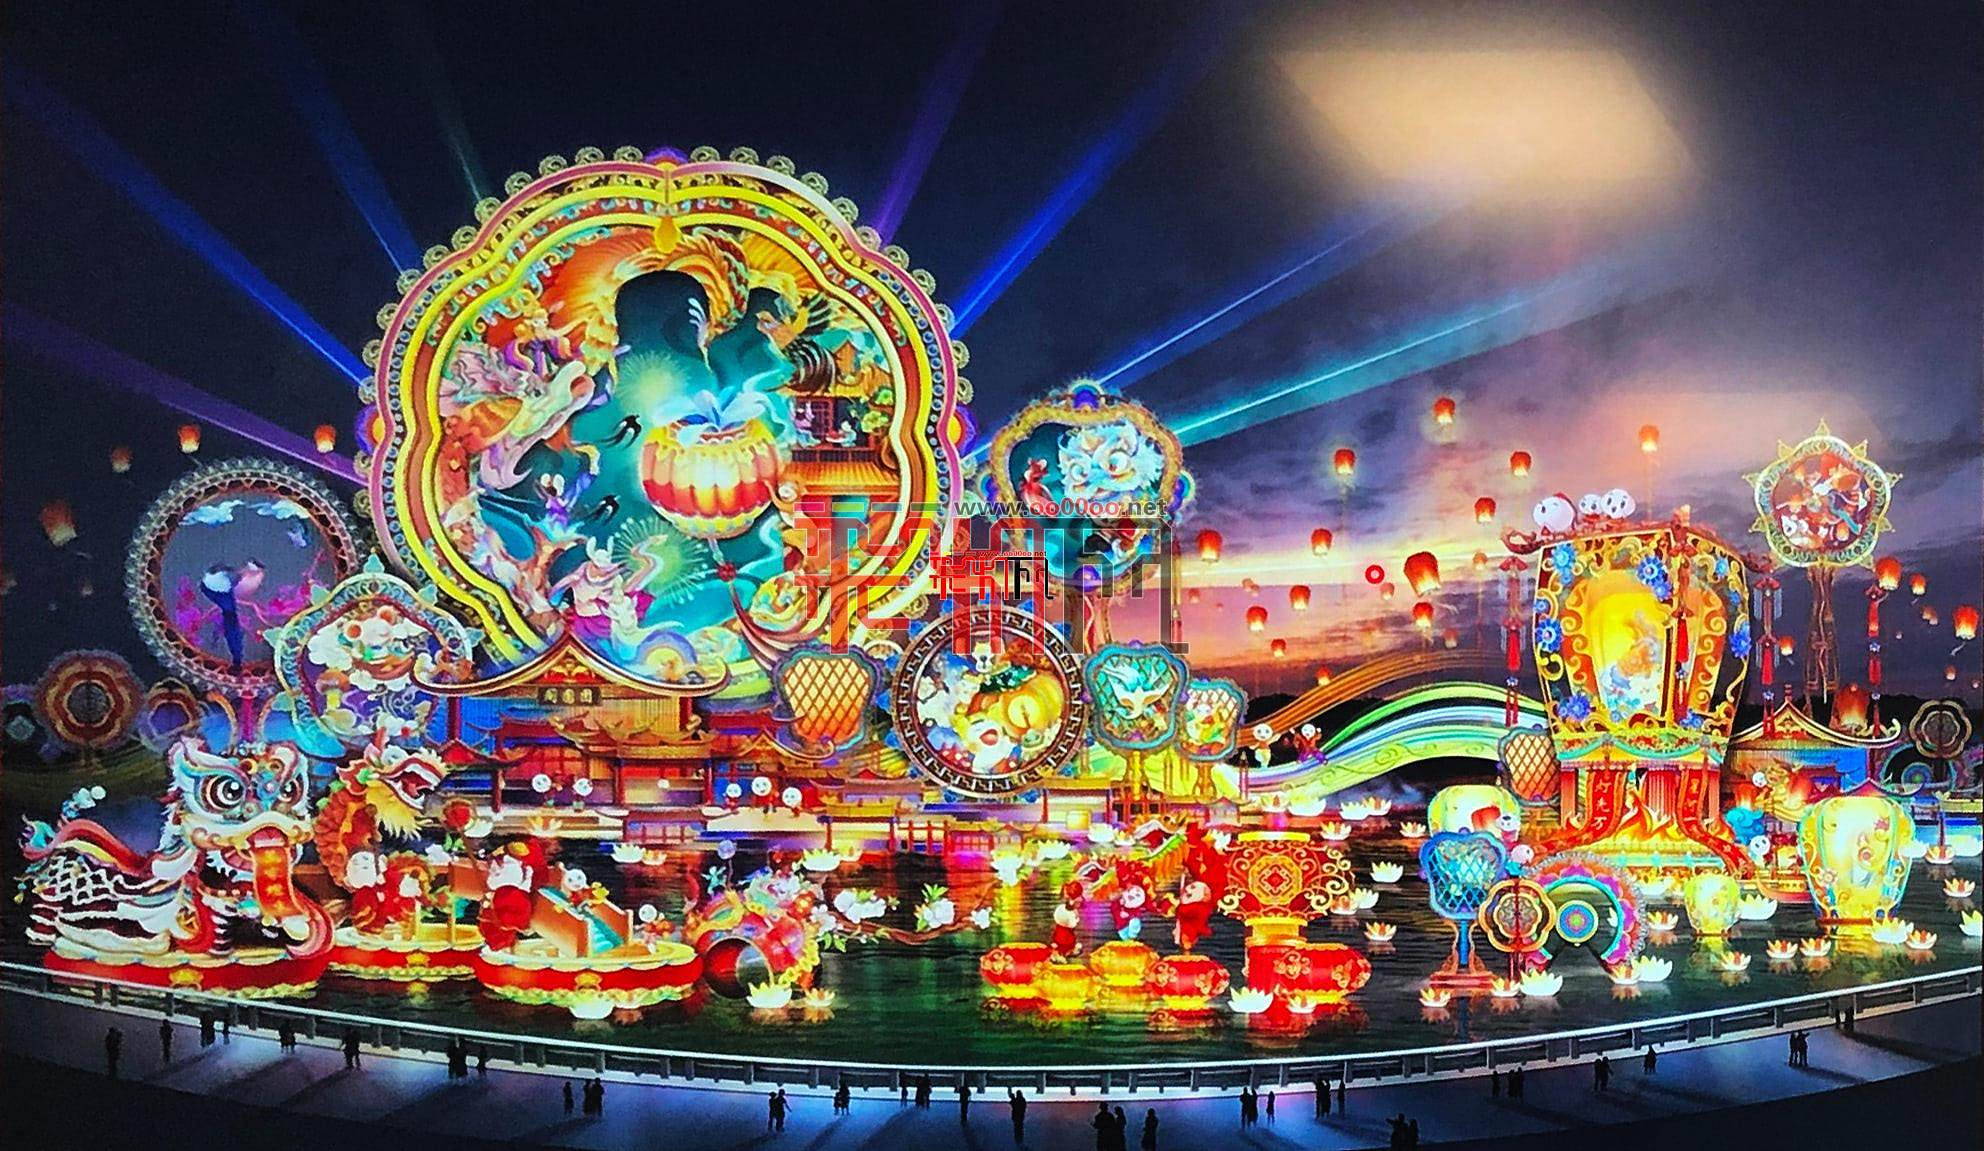 2020年第26届自贡国际恐龙灯会设计图抢先看